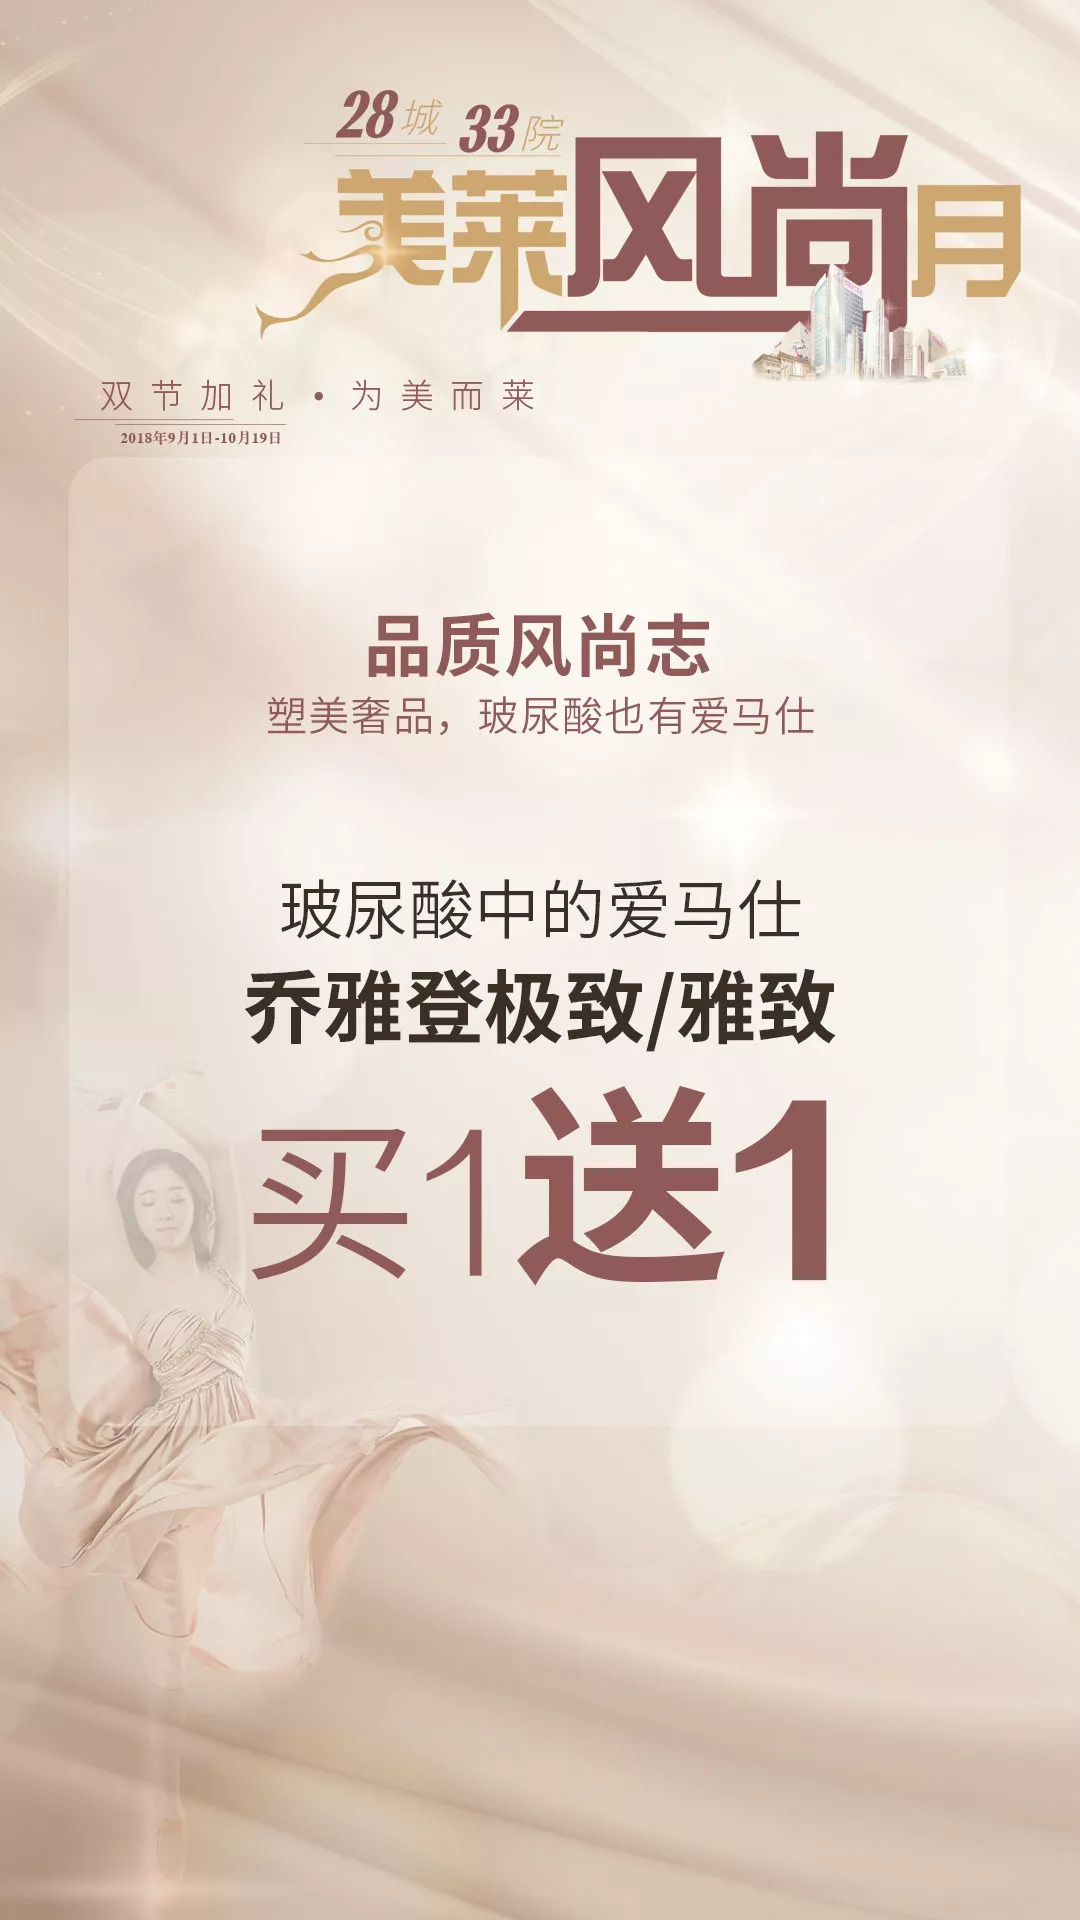 上海美莱|一支玻尿酸能带来怎样的惊人改变?